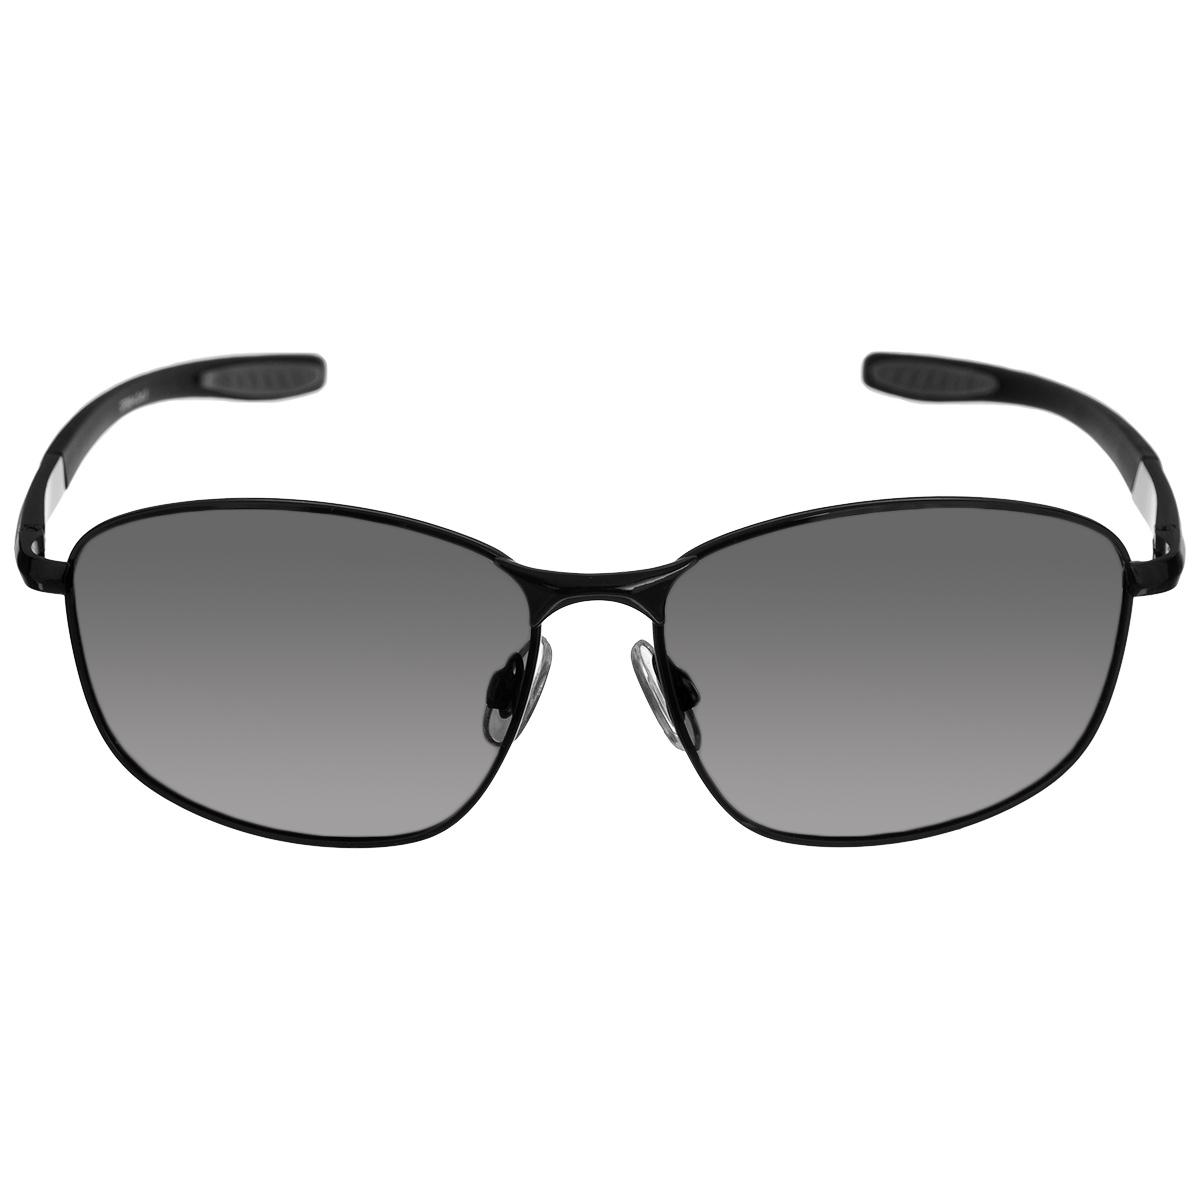 Очки мужские, поляризационные Cafa France, цвет: серый. CF986CF986Очки поляризационные Cafa France предназначены для защиты органов зрения от ультрафиолета, а также блокировки бликов. Оправа изготовлена из гибкого пластика, который не бьется и не подвергается остаточным деформациям. Оправа разработана для комфортного и безопасного вождения - легкая, надежная, не закрывающая обзор в зоне периферийного зрения. Прорезиненные элементы на дужках и надежные узлы крепления предотвращают соскальзывание. Категория затемнения линз - Cat.3. Практичный аксессуар не только защитит ваши глаза, но и ярко подчеркнет ваш стиль.